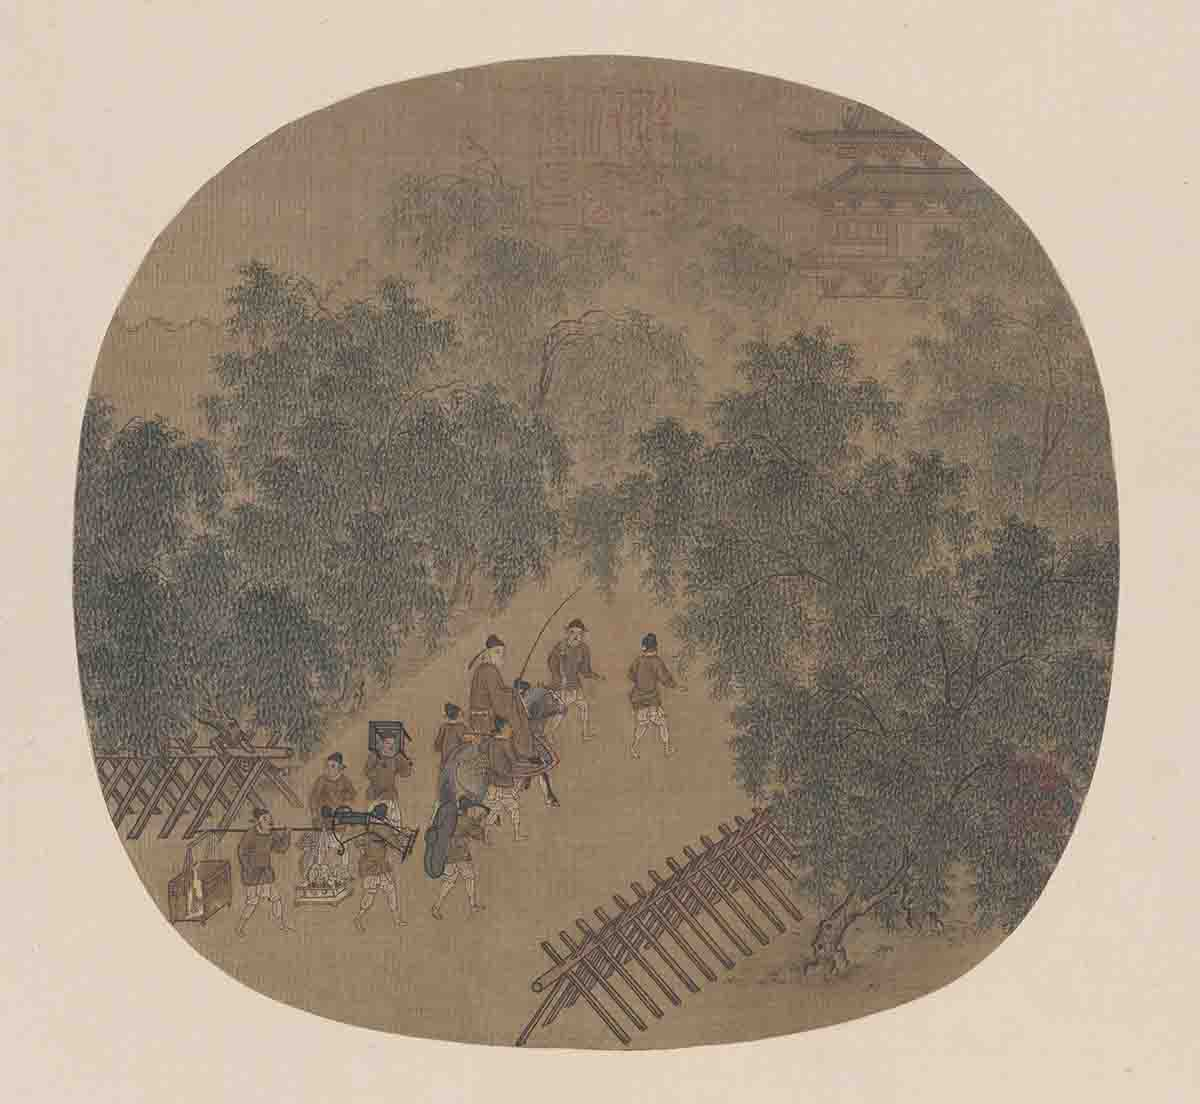 宋 佚名 春游晚归图页24.2x25.3cm